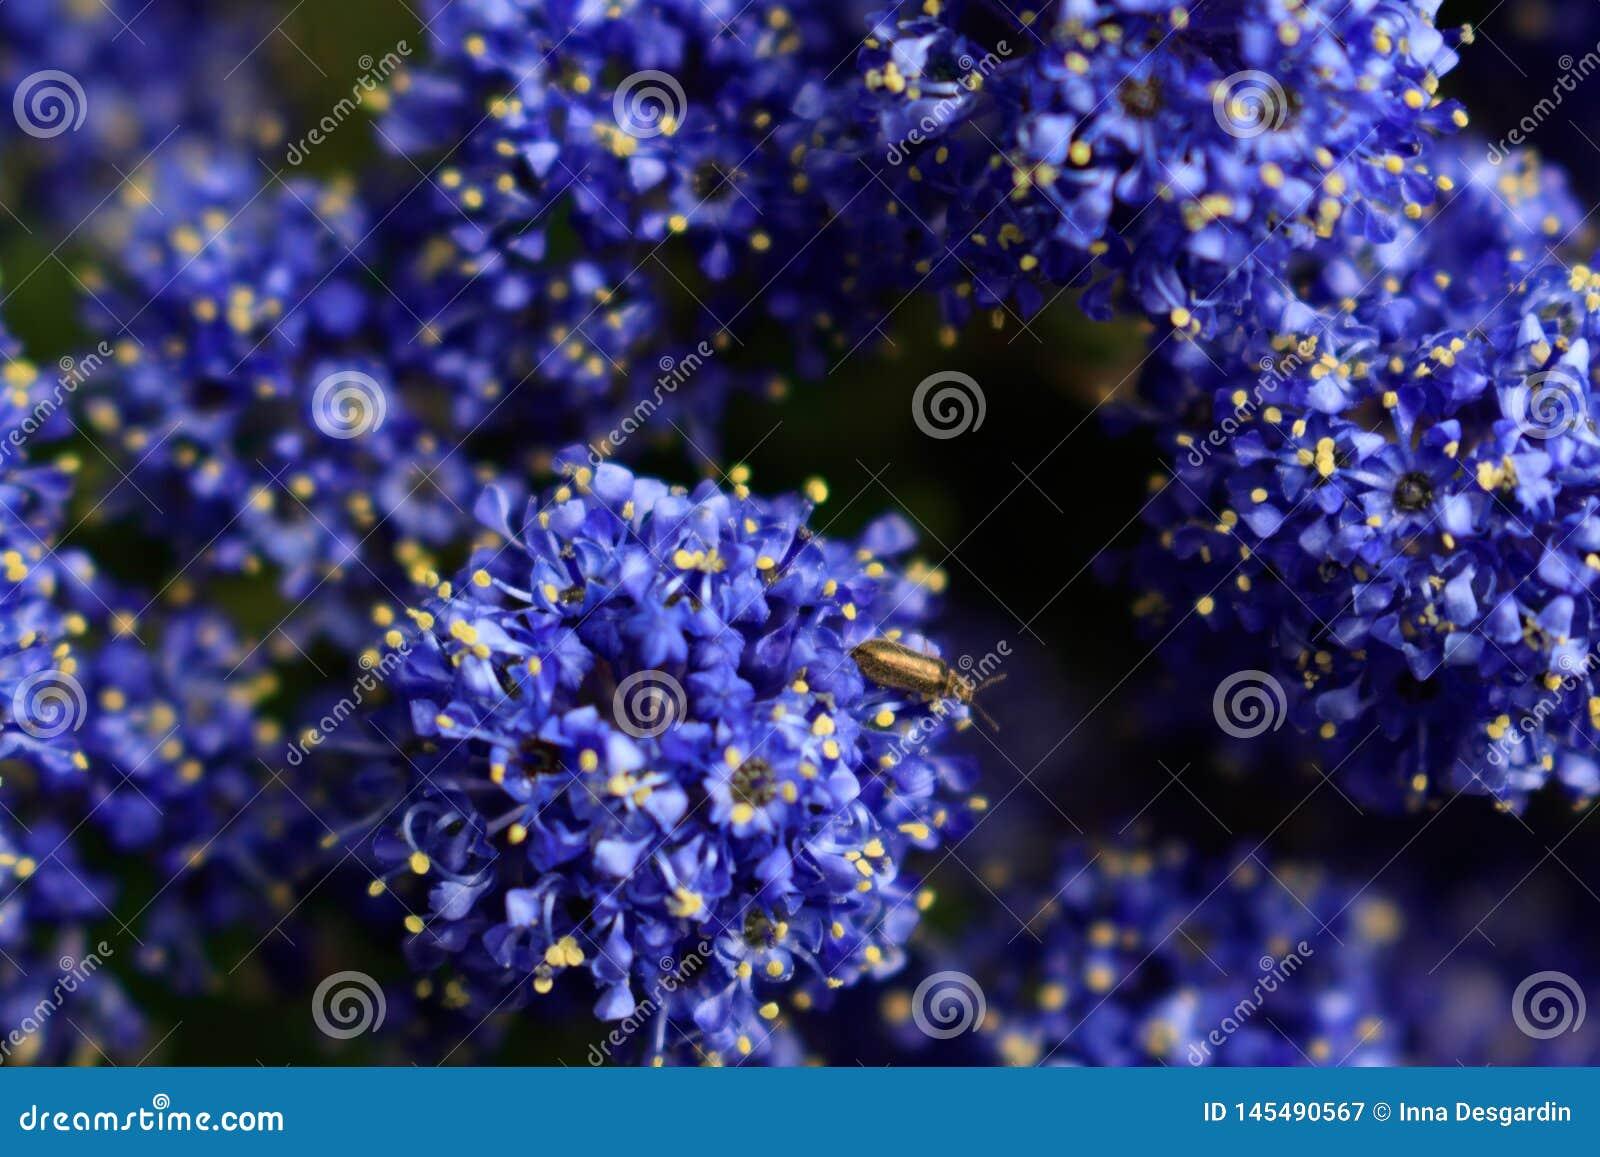 Blå indigoblå blom- bakgrund Makroforsen av den Kalifornien lilan besökte vid krypet